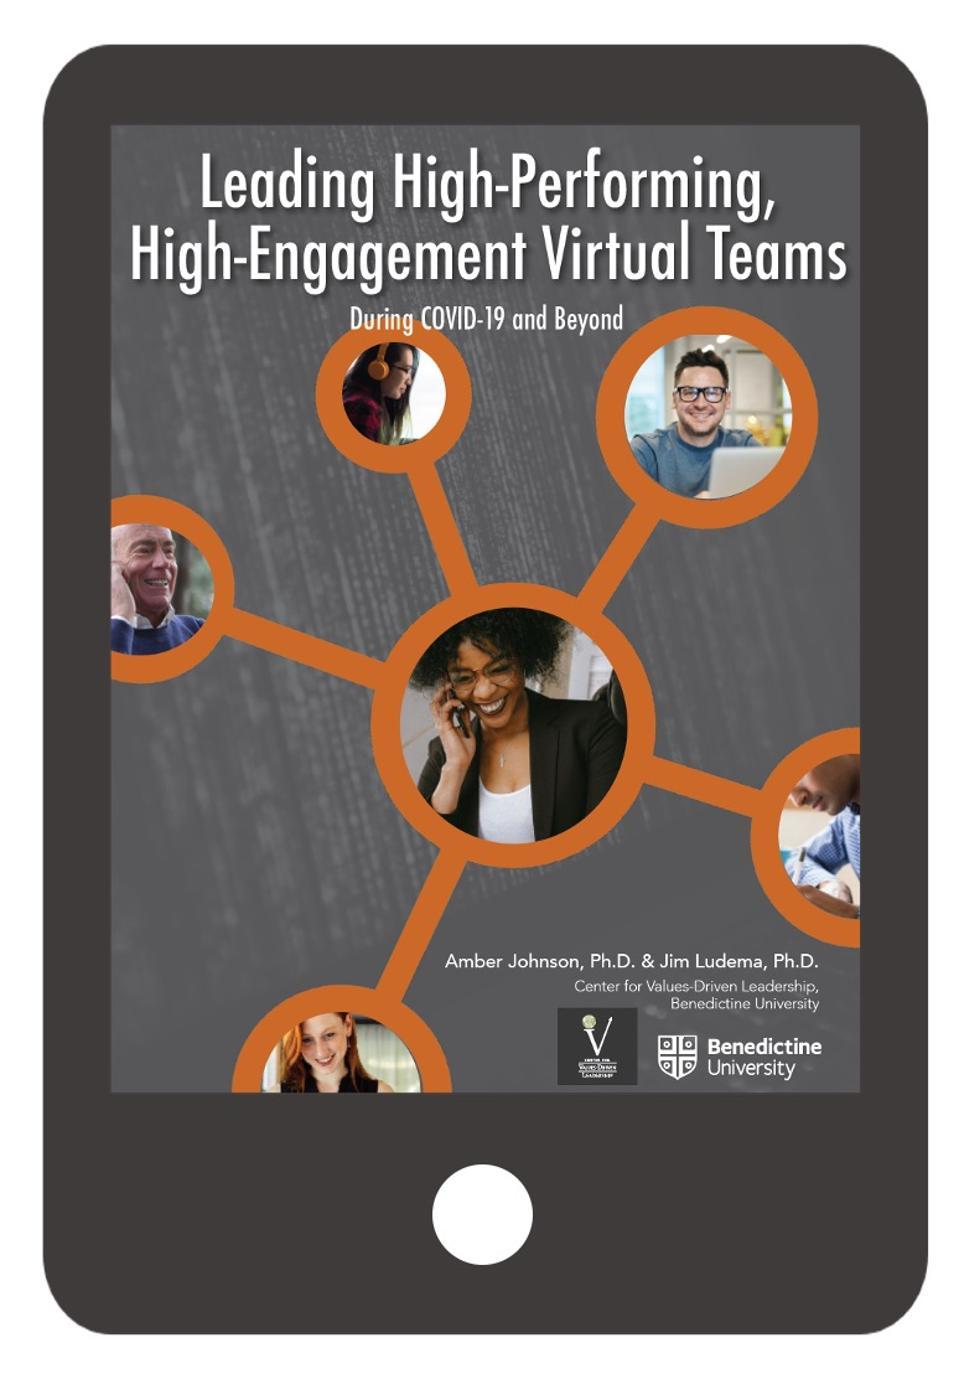 Ebook on virtual team remote work leadership